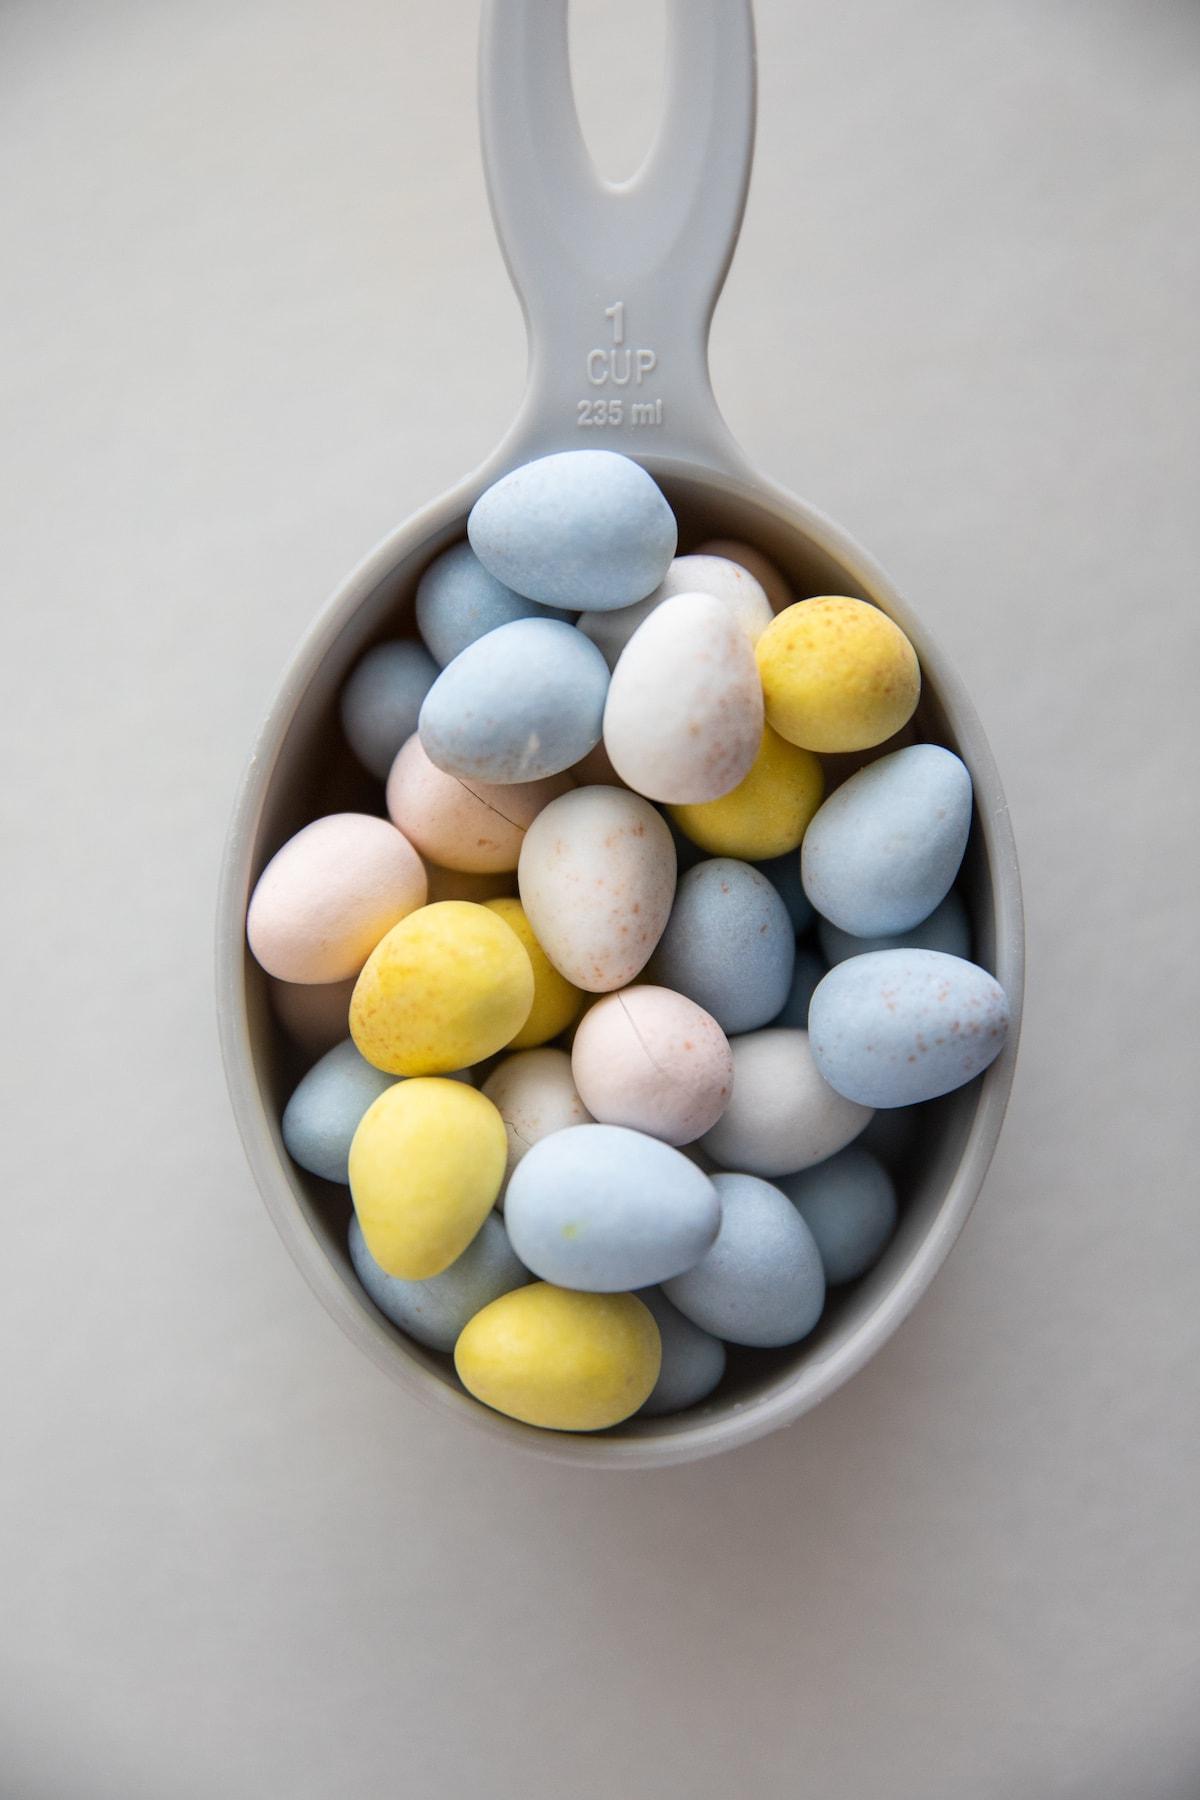 cadbury eggs in measuring cup